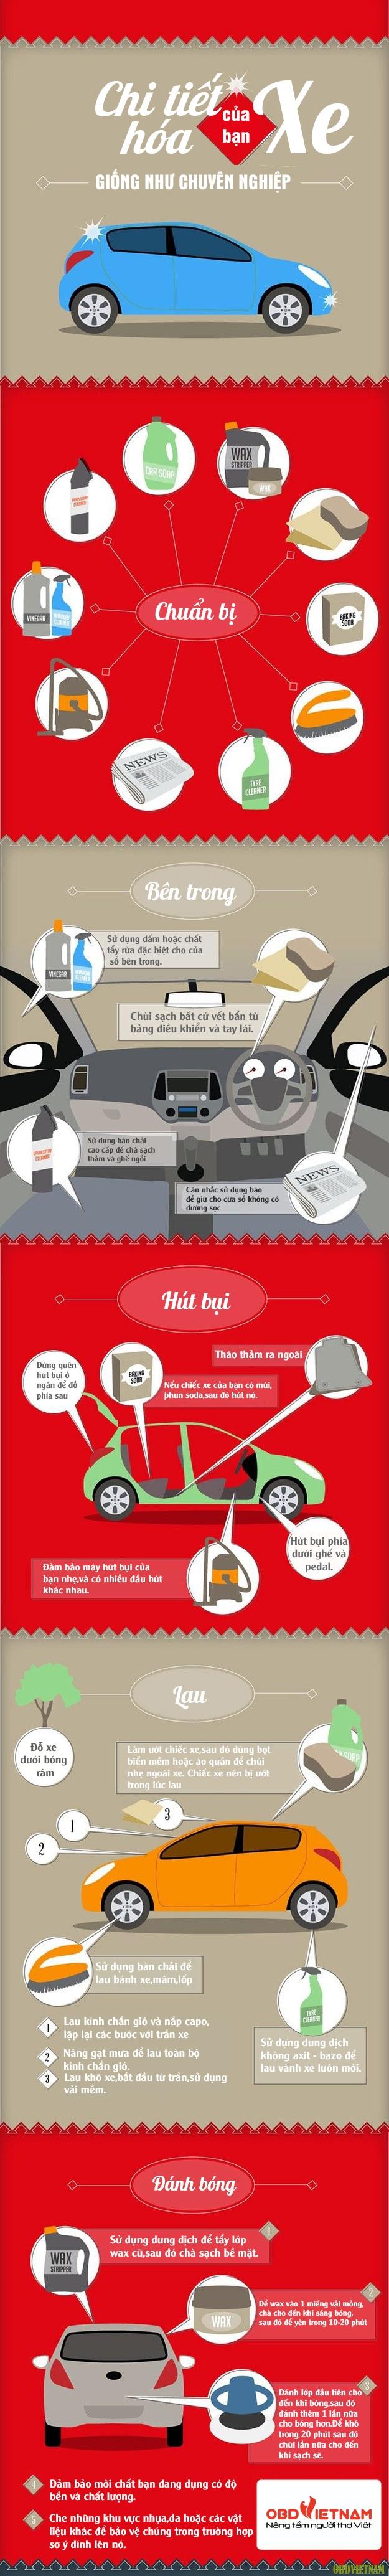 Infographic | Làm thế nào để làm cho chiếc xe hơi của bạn trong chuyên nghiệp hơn.